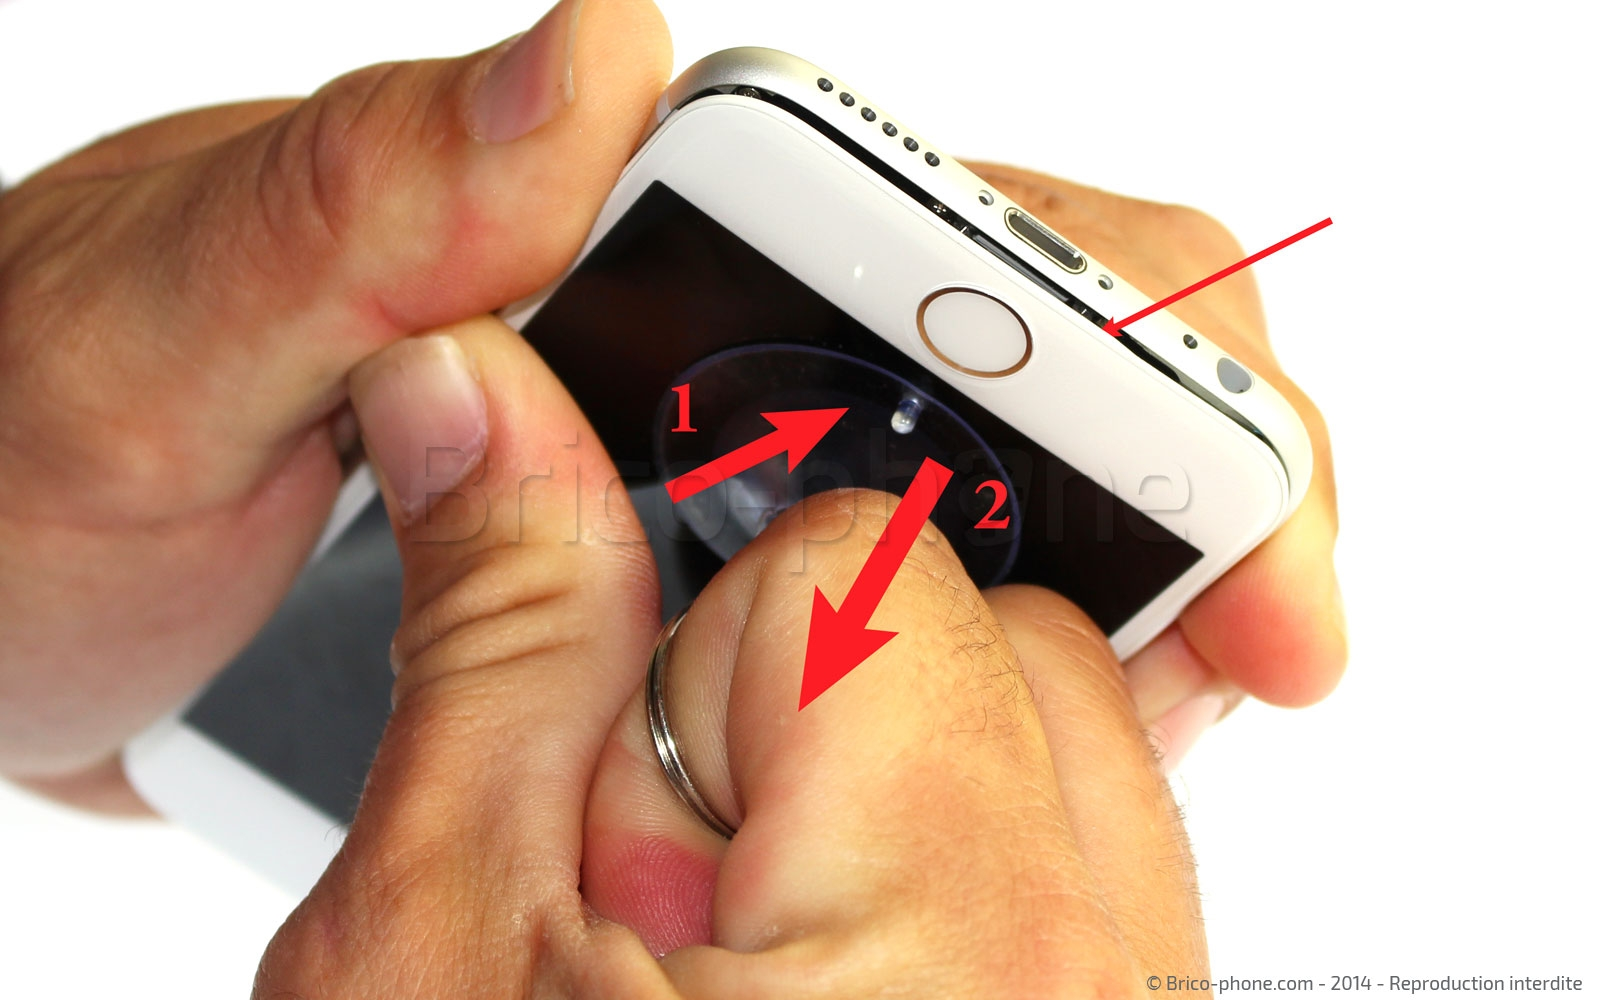 Etape 2 : Déboîter l'écran en bas du téléphone